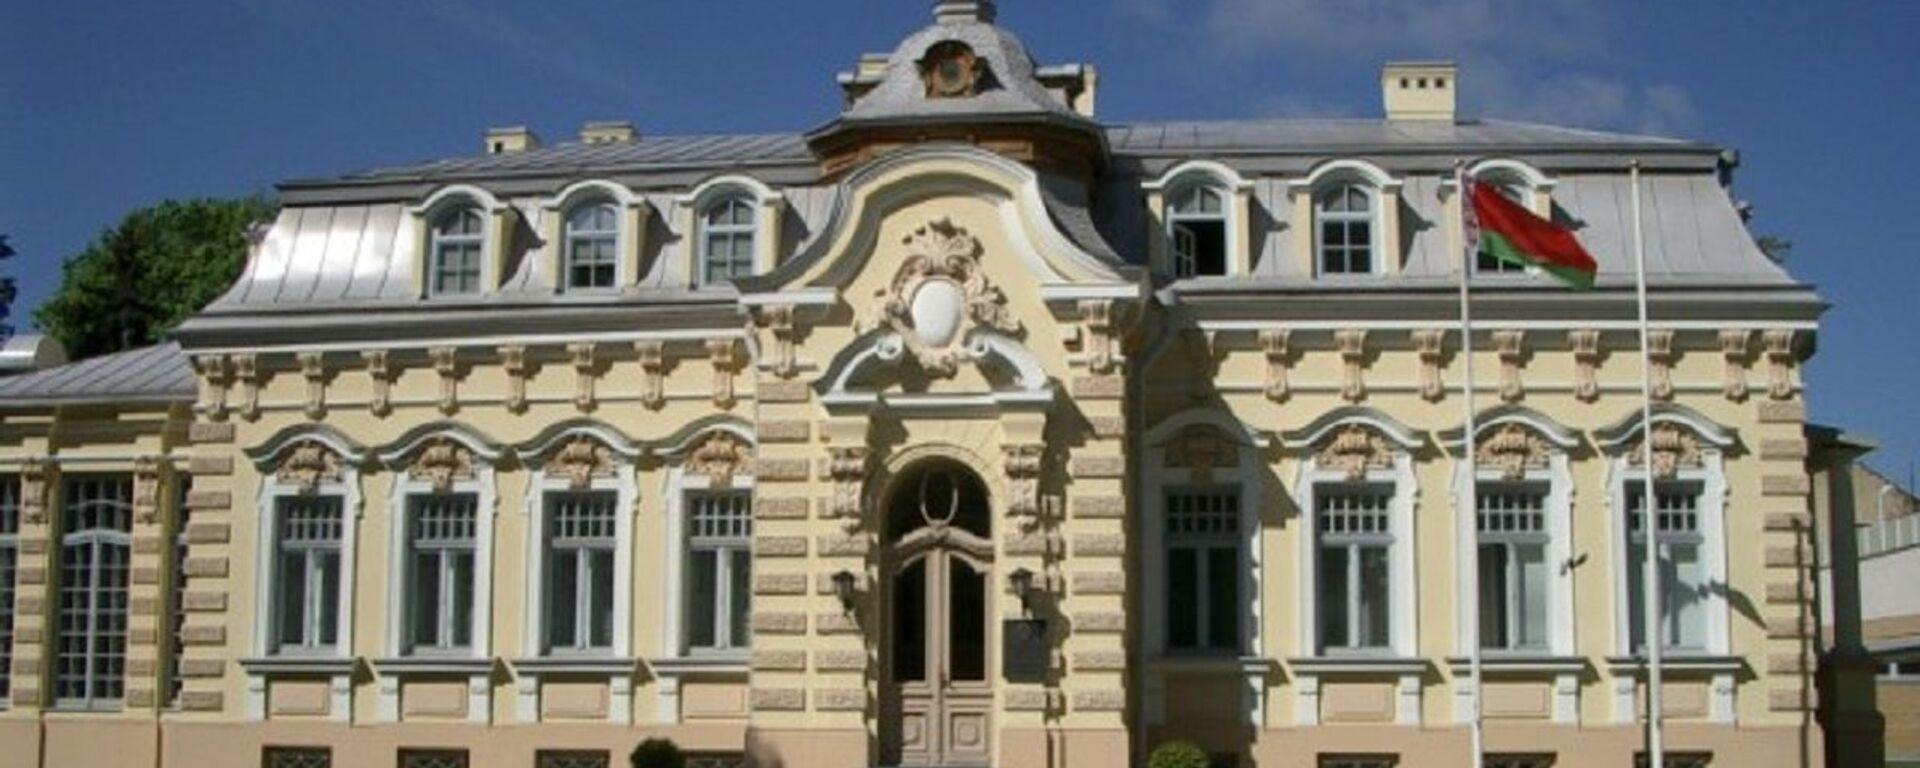 Посольство Беларуси в Литве  - Sputnik Беларусь, 1920, 28.05.2021